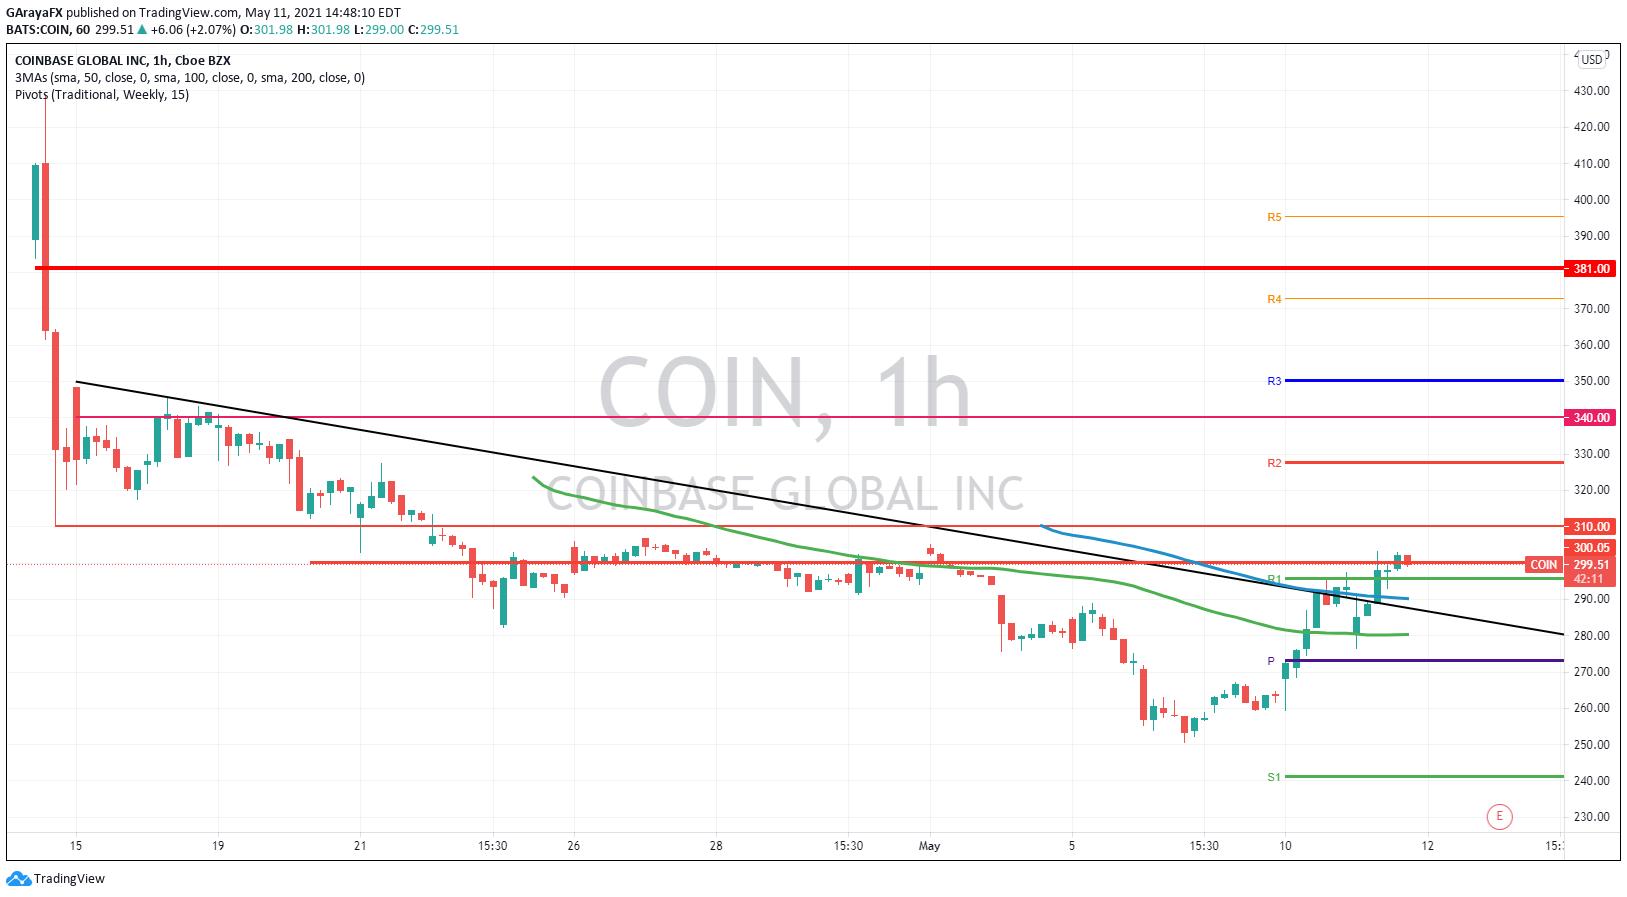 Gráfico Diario de Coinbase (COIN) - 11.05.21